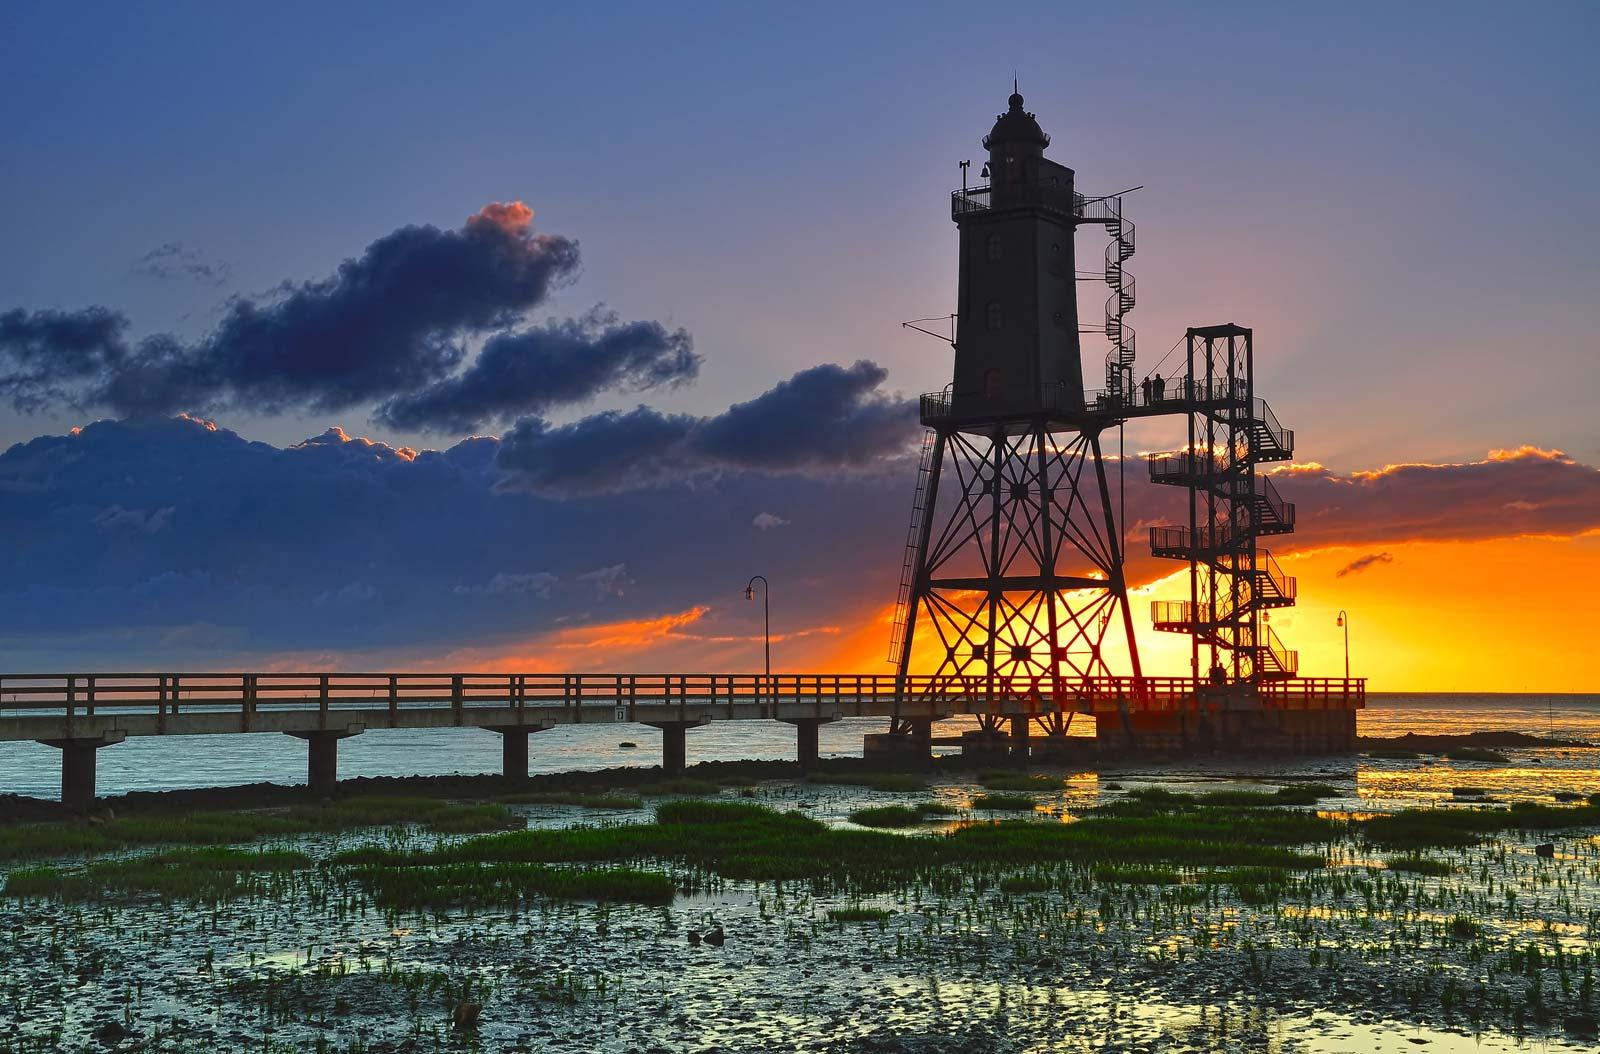 Leuchttürme an der Nordsee